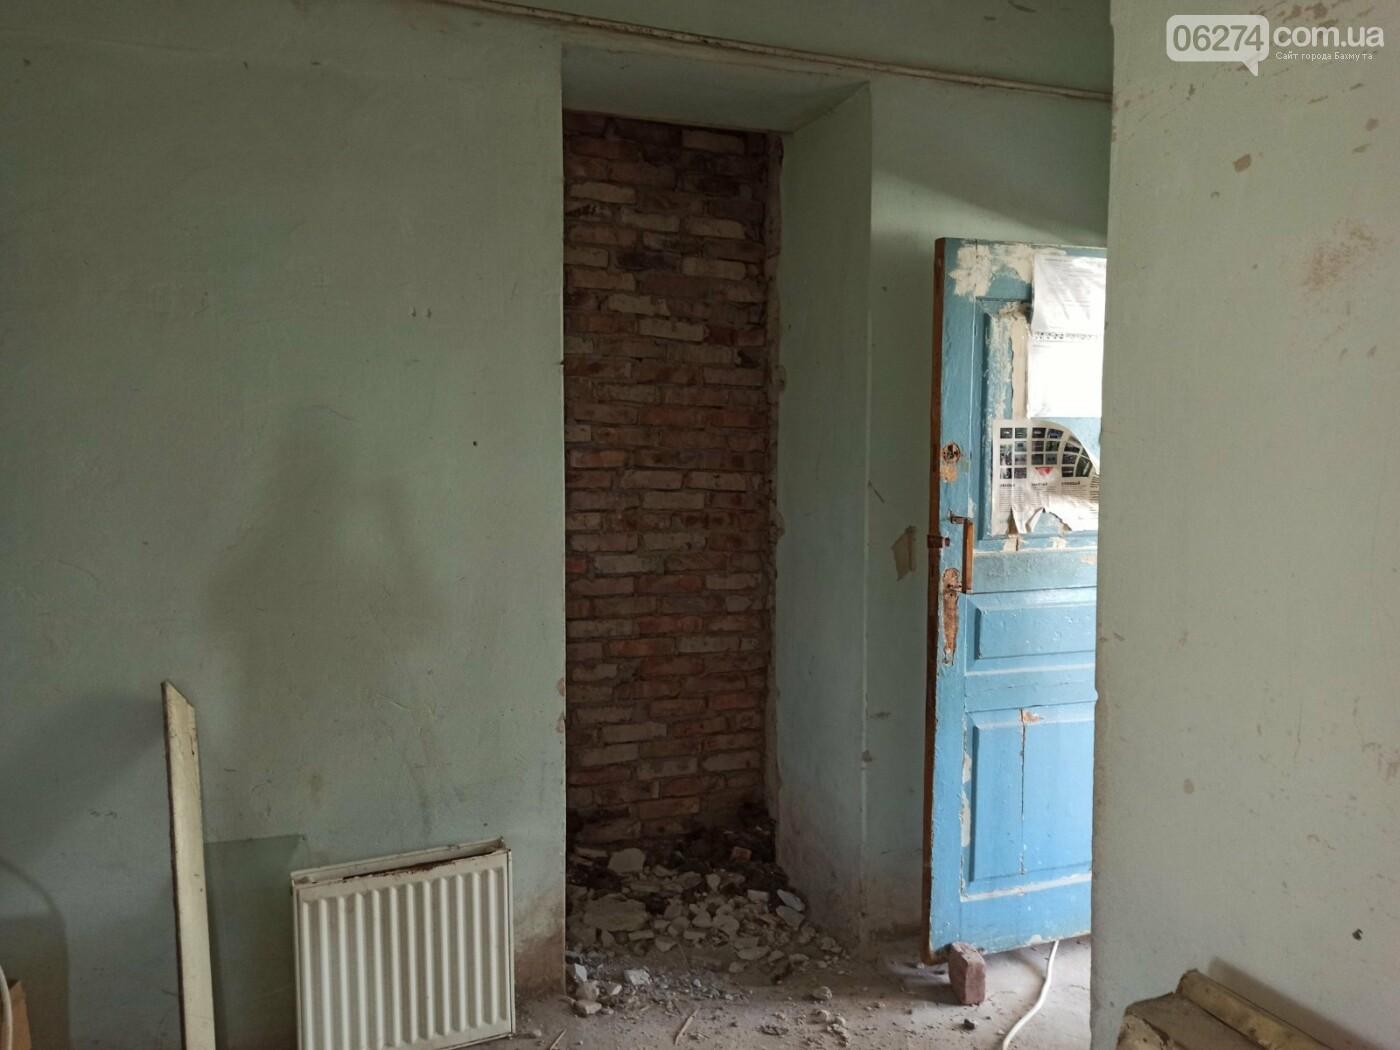 В Бахмуте начали ремонт в патологоанатомическом отделении (ФОТОФАКТ), фото-13